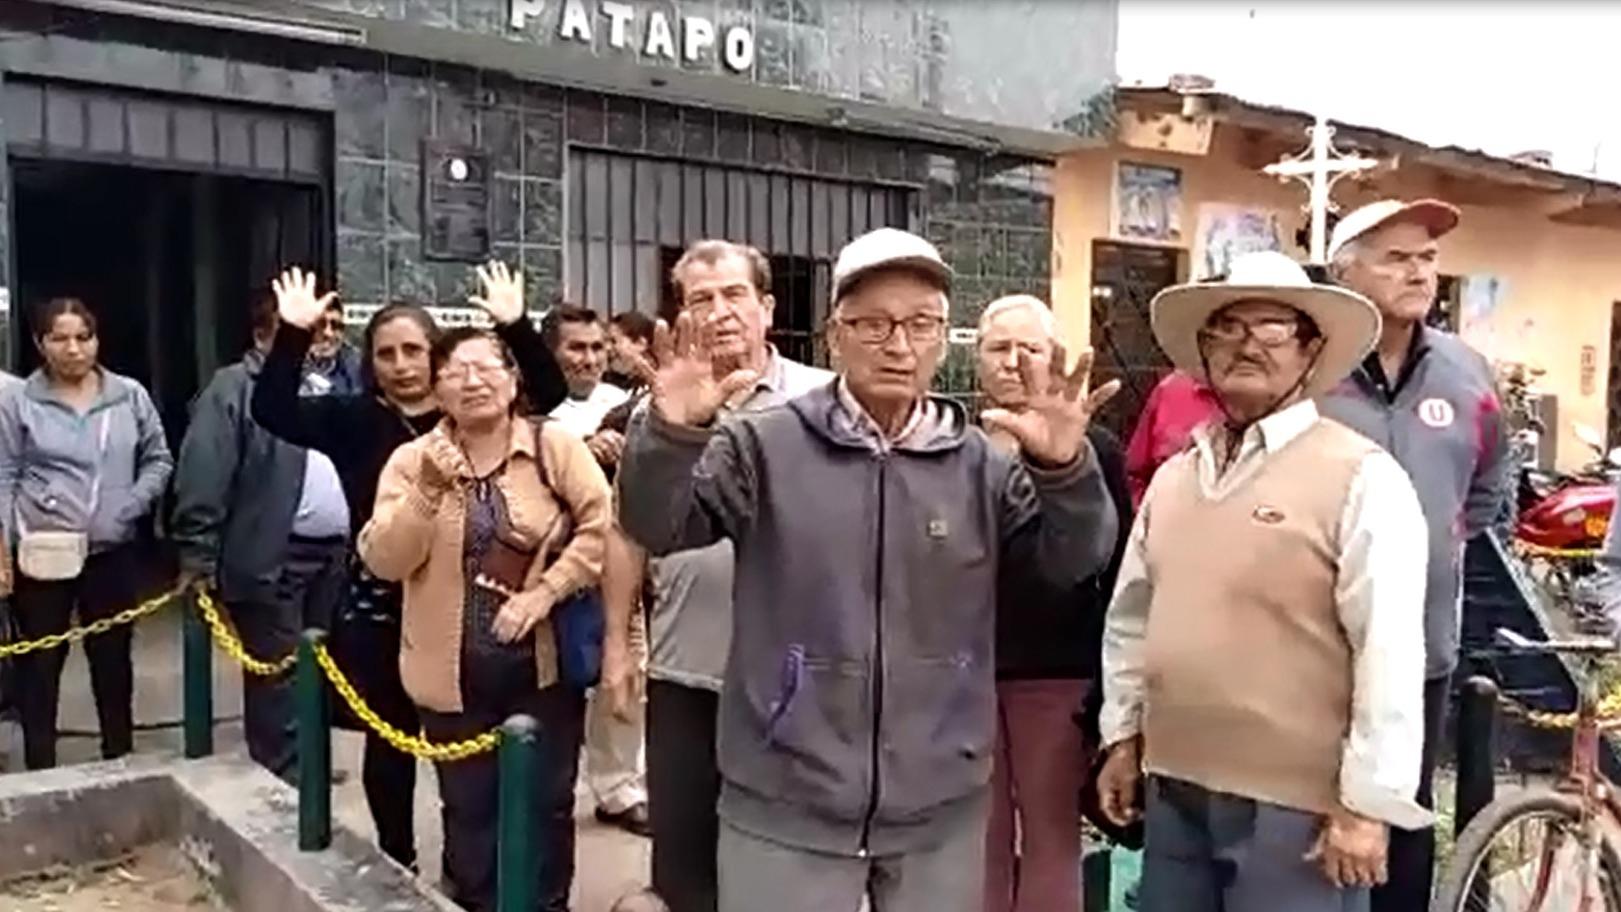 Los trabajadores protestaron en los exteriores de la comisaría de Pátapo.